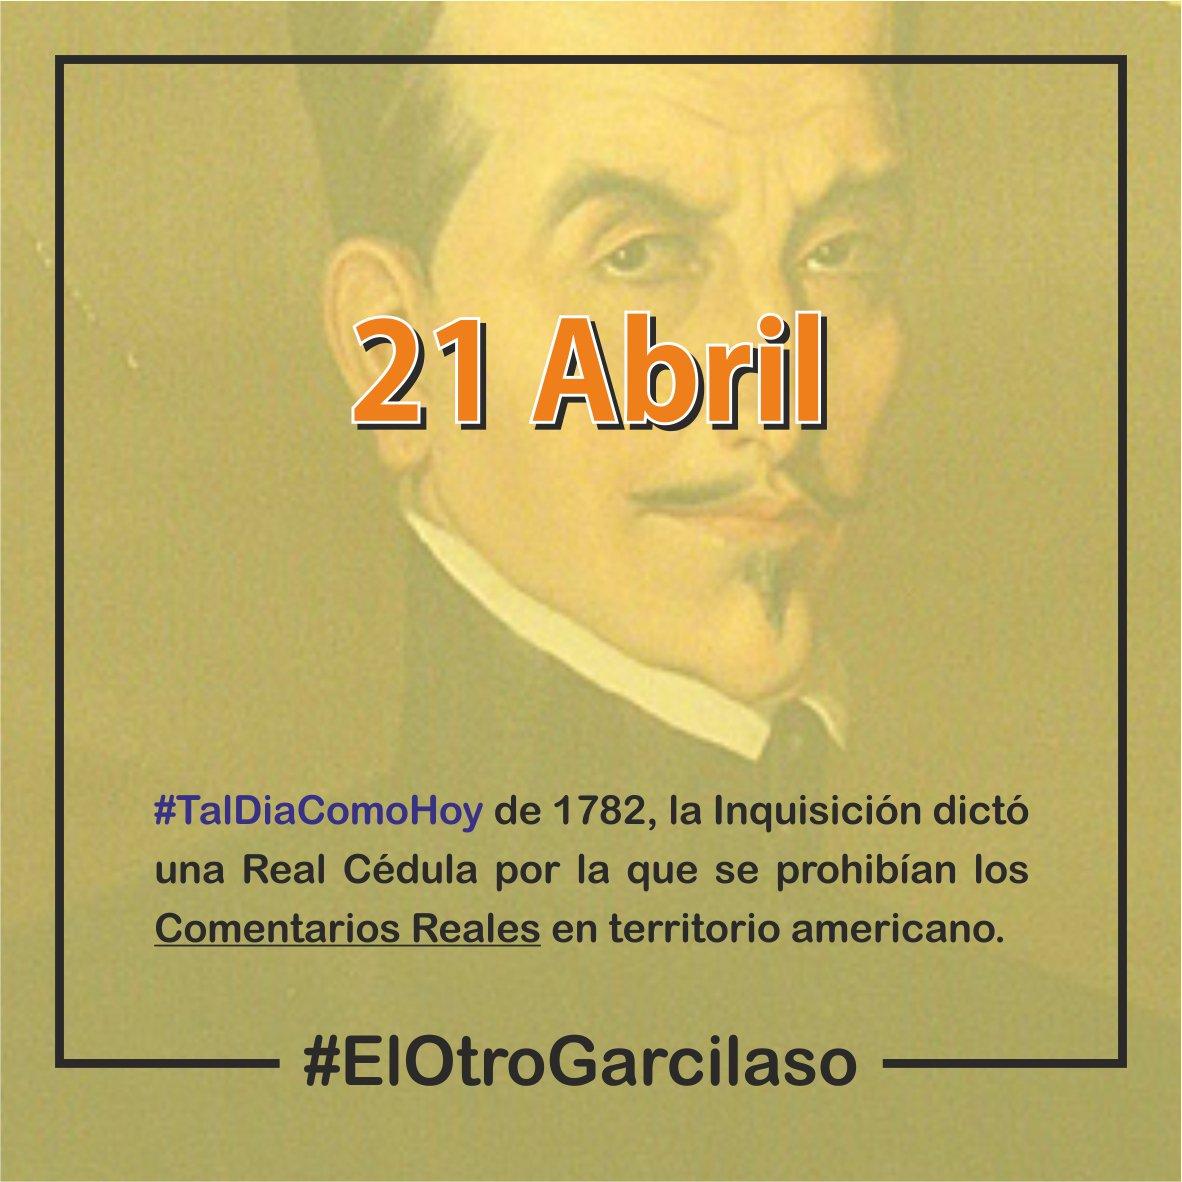 237 años después sigue siendo un auténtico desconocido 🥺 #IncaGarcilaso #ComentariosReales #ElotroGarcilaso https://t.co/EOB14bZsII